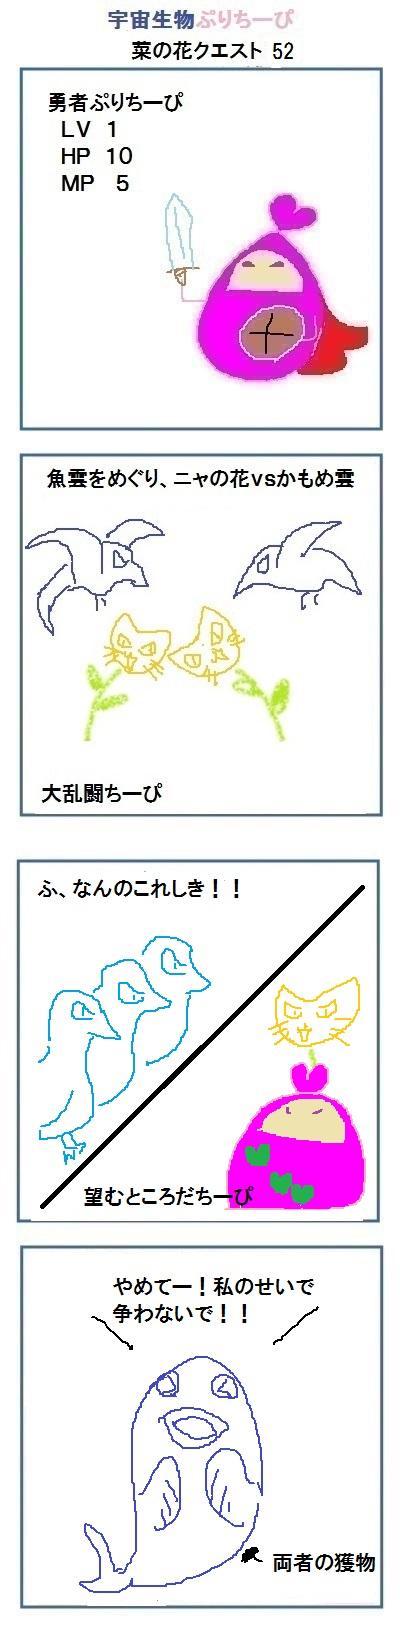 160529_菜の花52